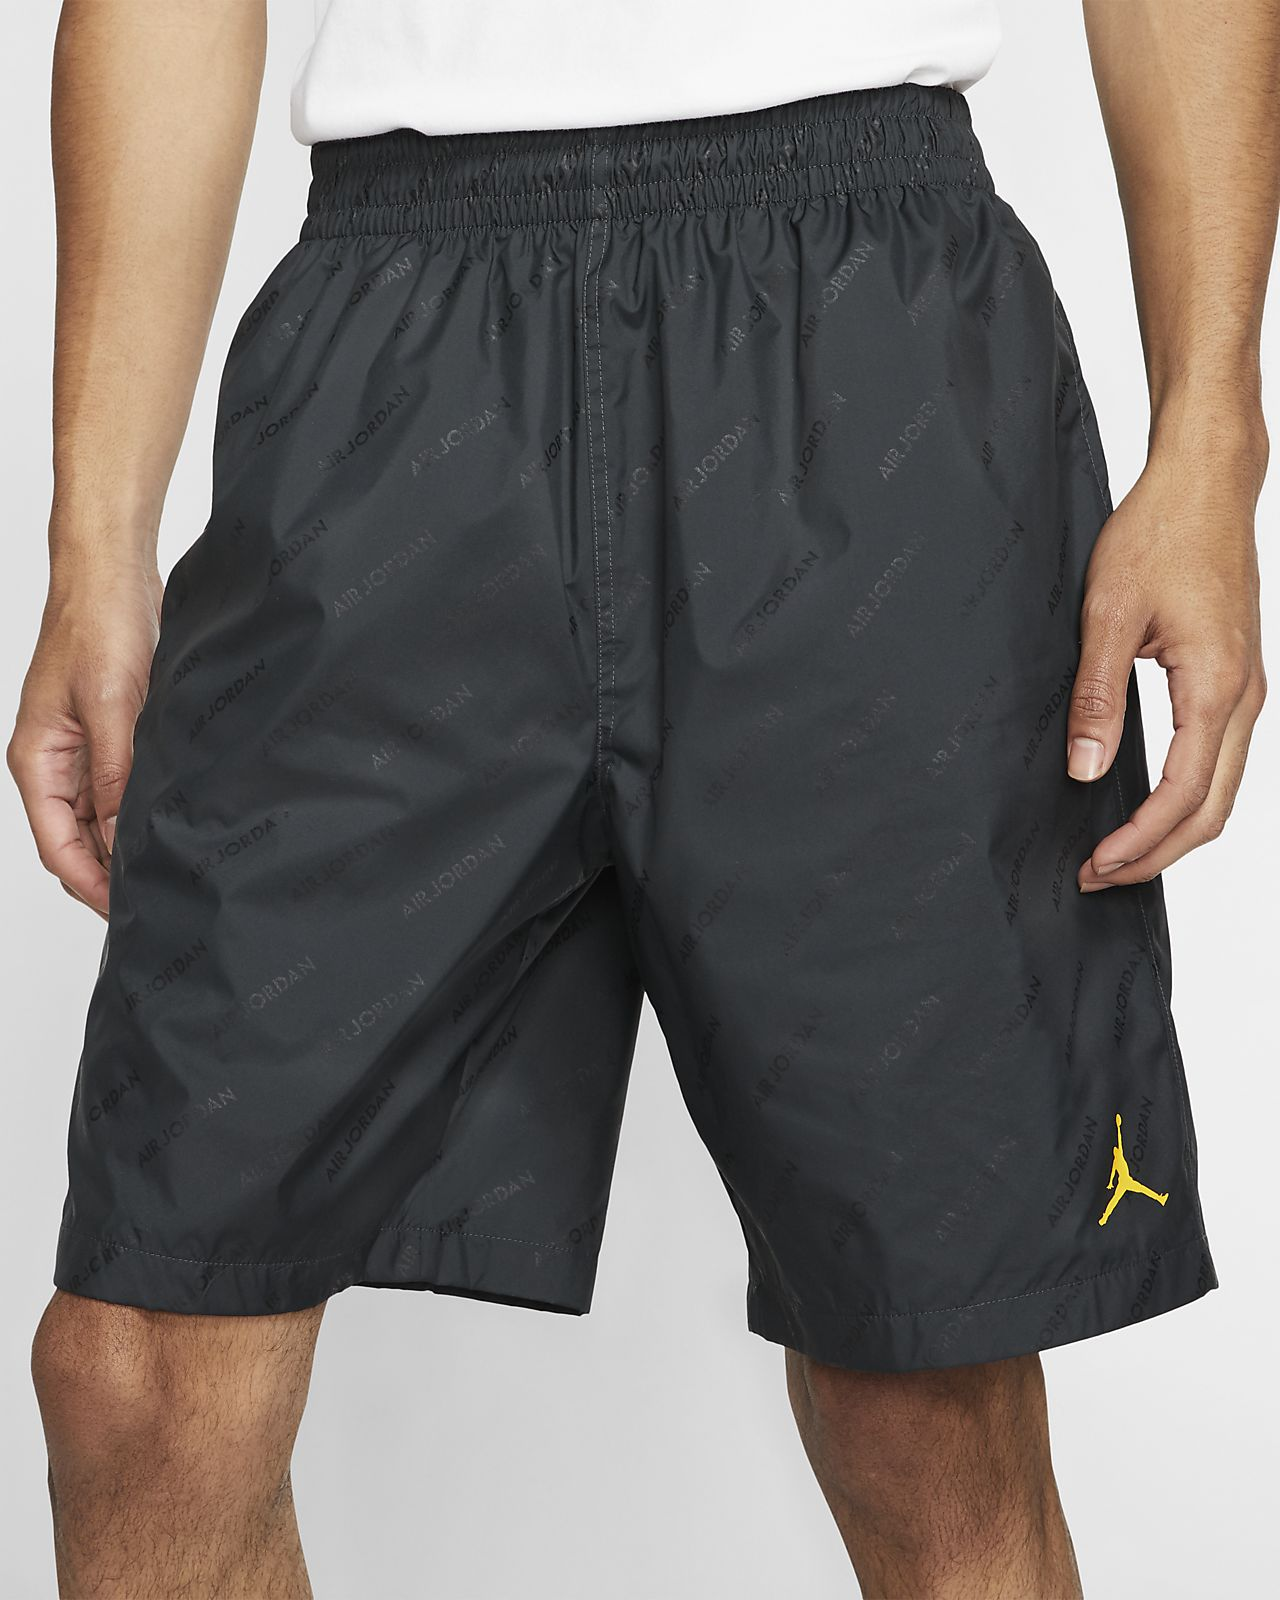 Jordan Legacy AJ4 男子短裤